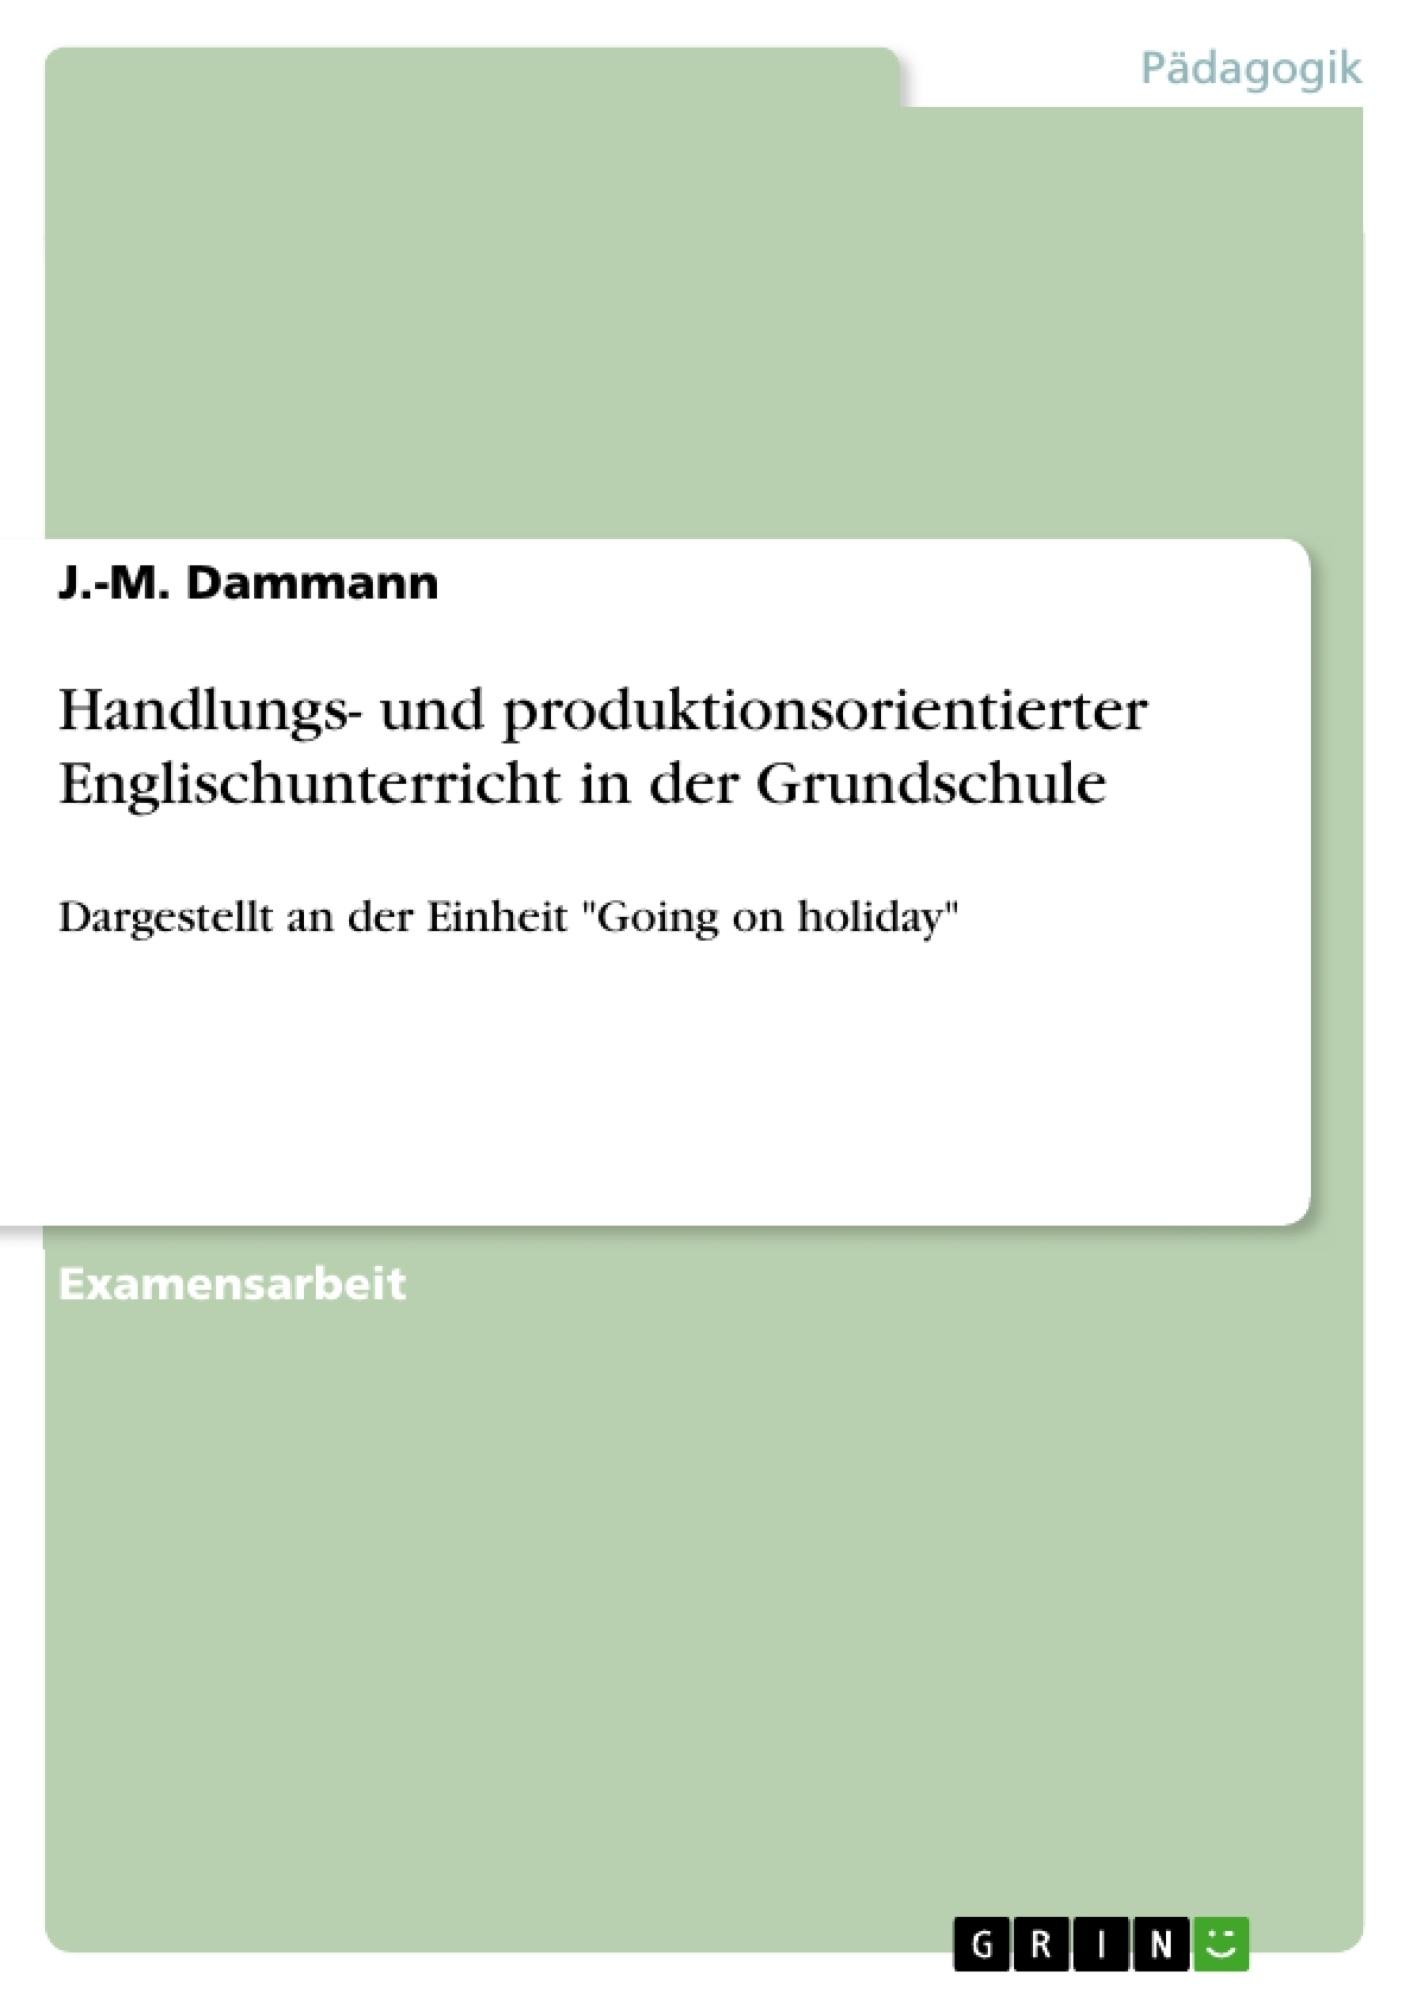 Titel: Handlungs- und produktionsorientierter Englischunterricht in der Grundschule